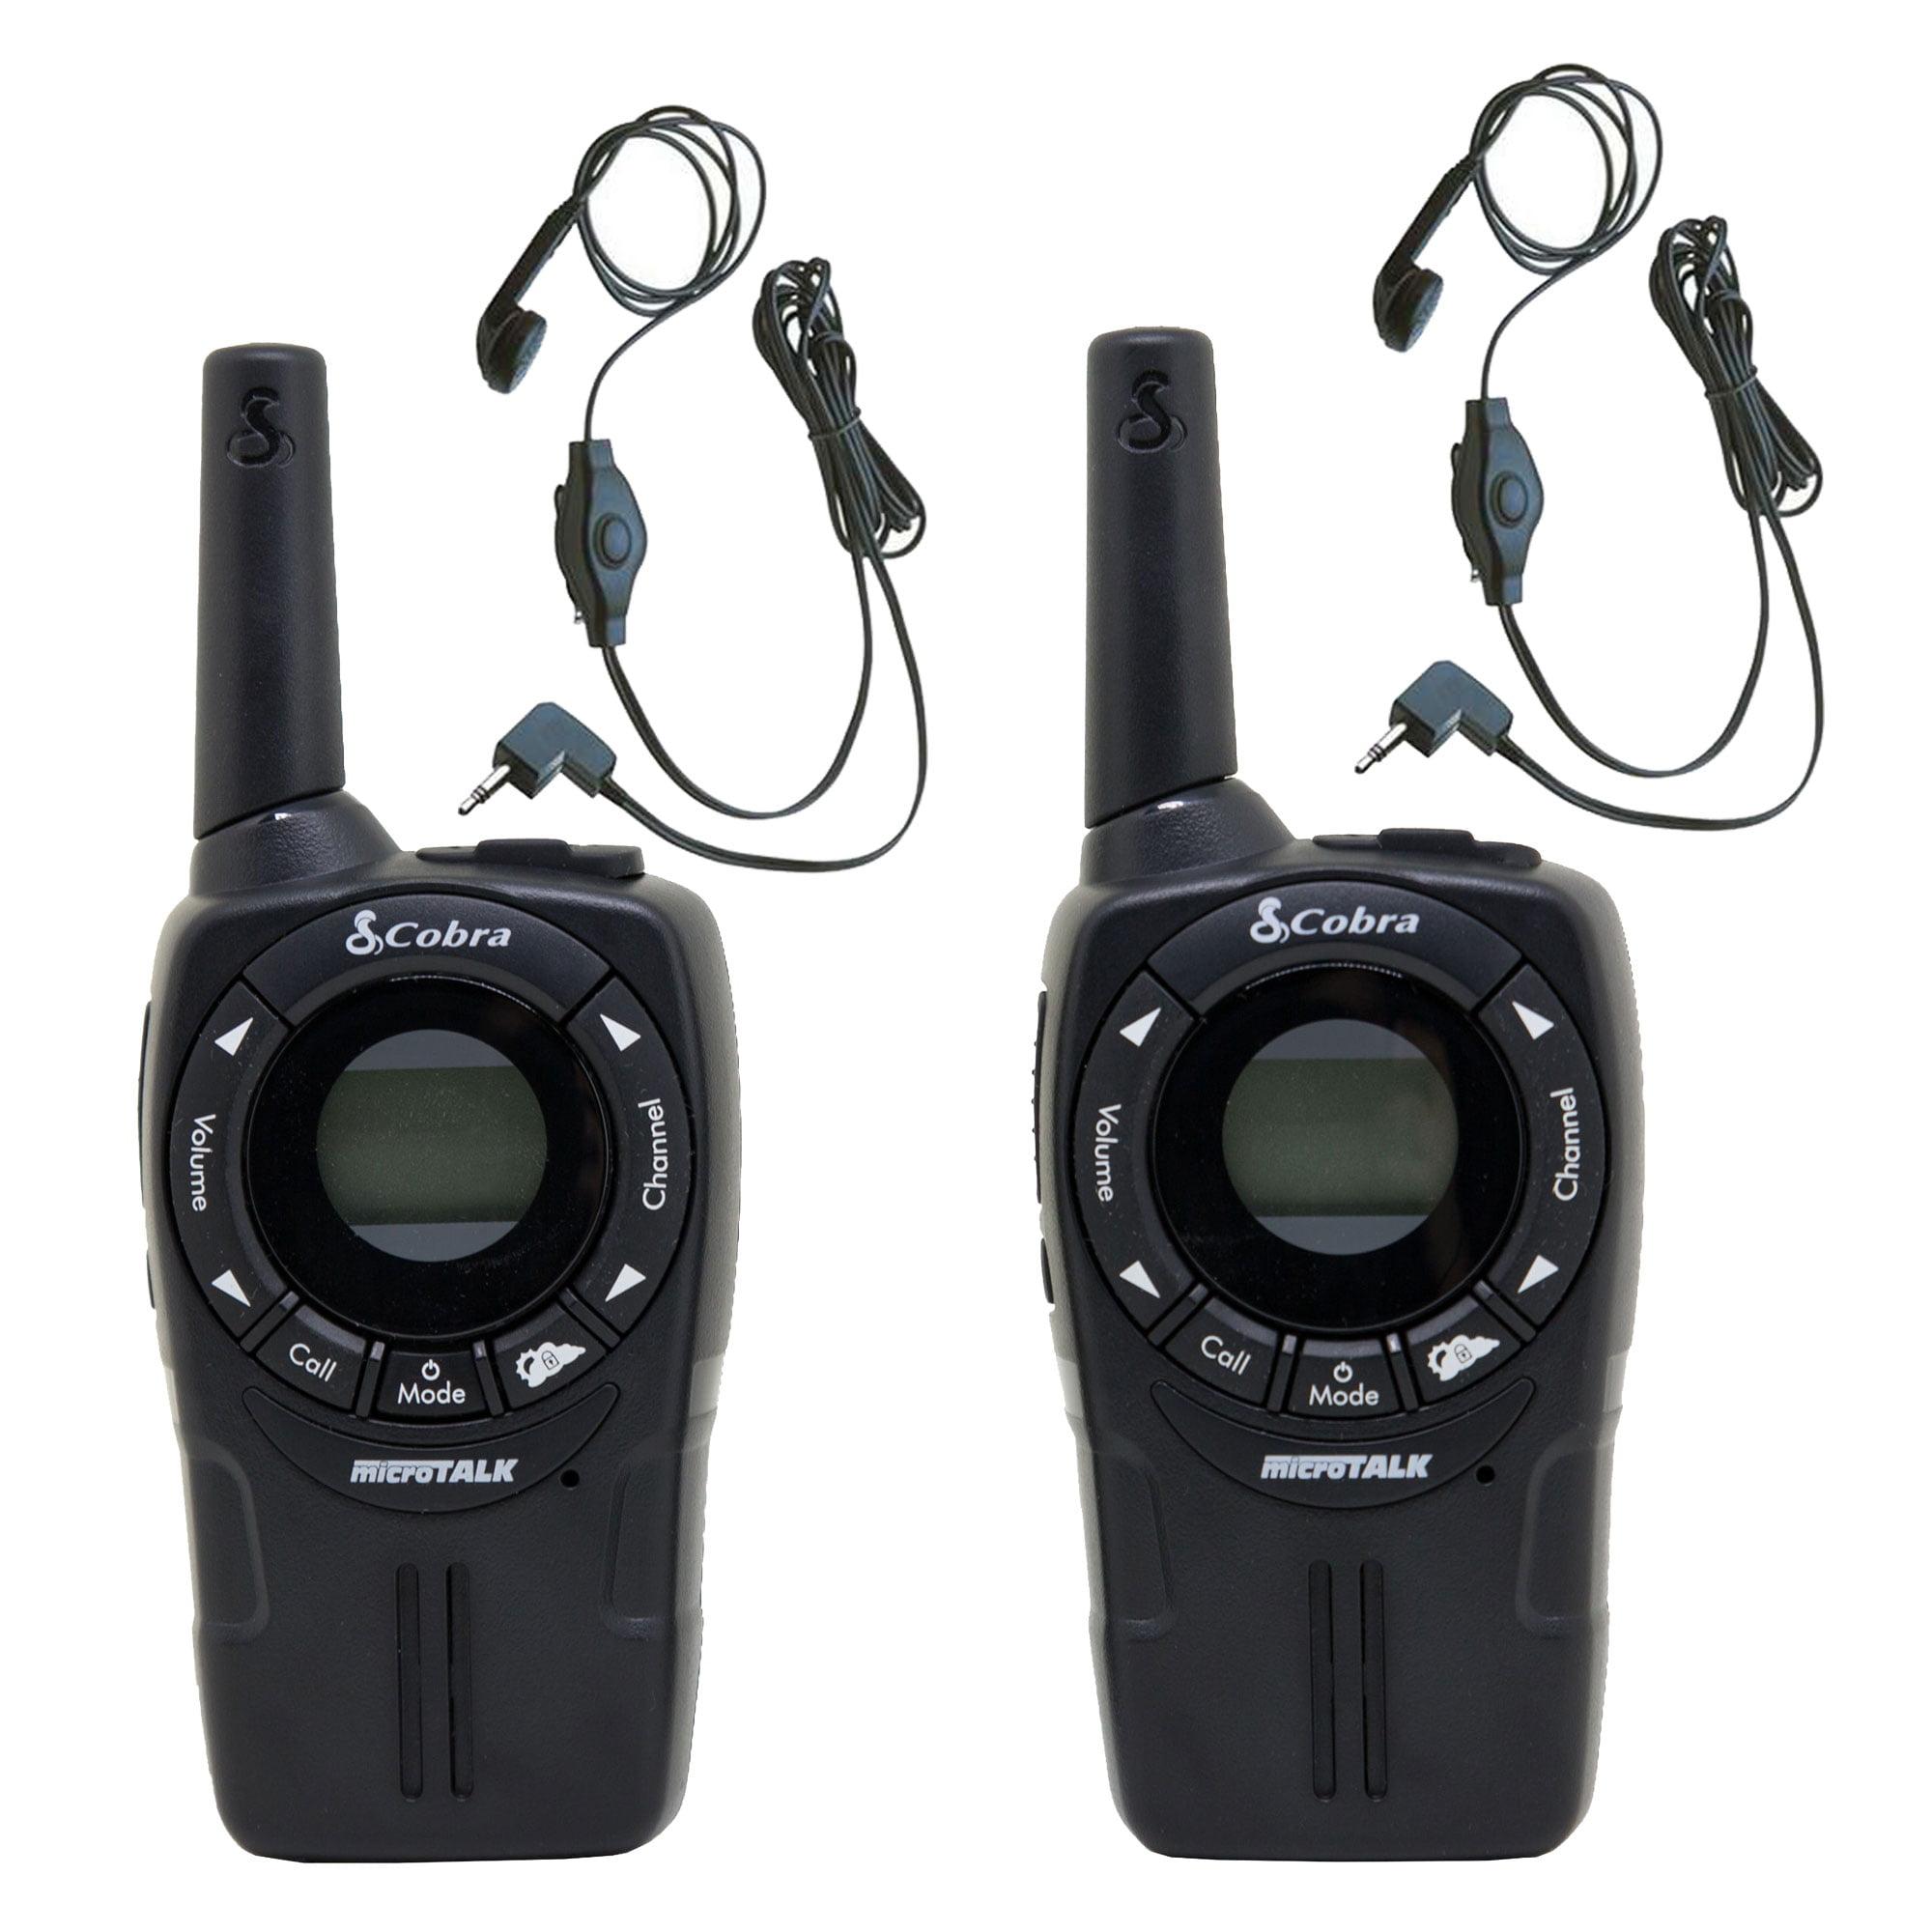 COBRA CXT225 20 Mile GMRS FRS 2-Way Radio Walkie Talkies + (2) Earbud & Mic Sets by Cobra